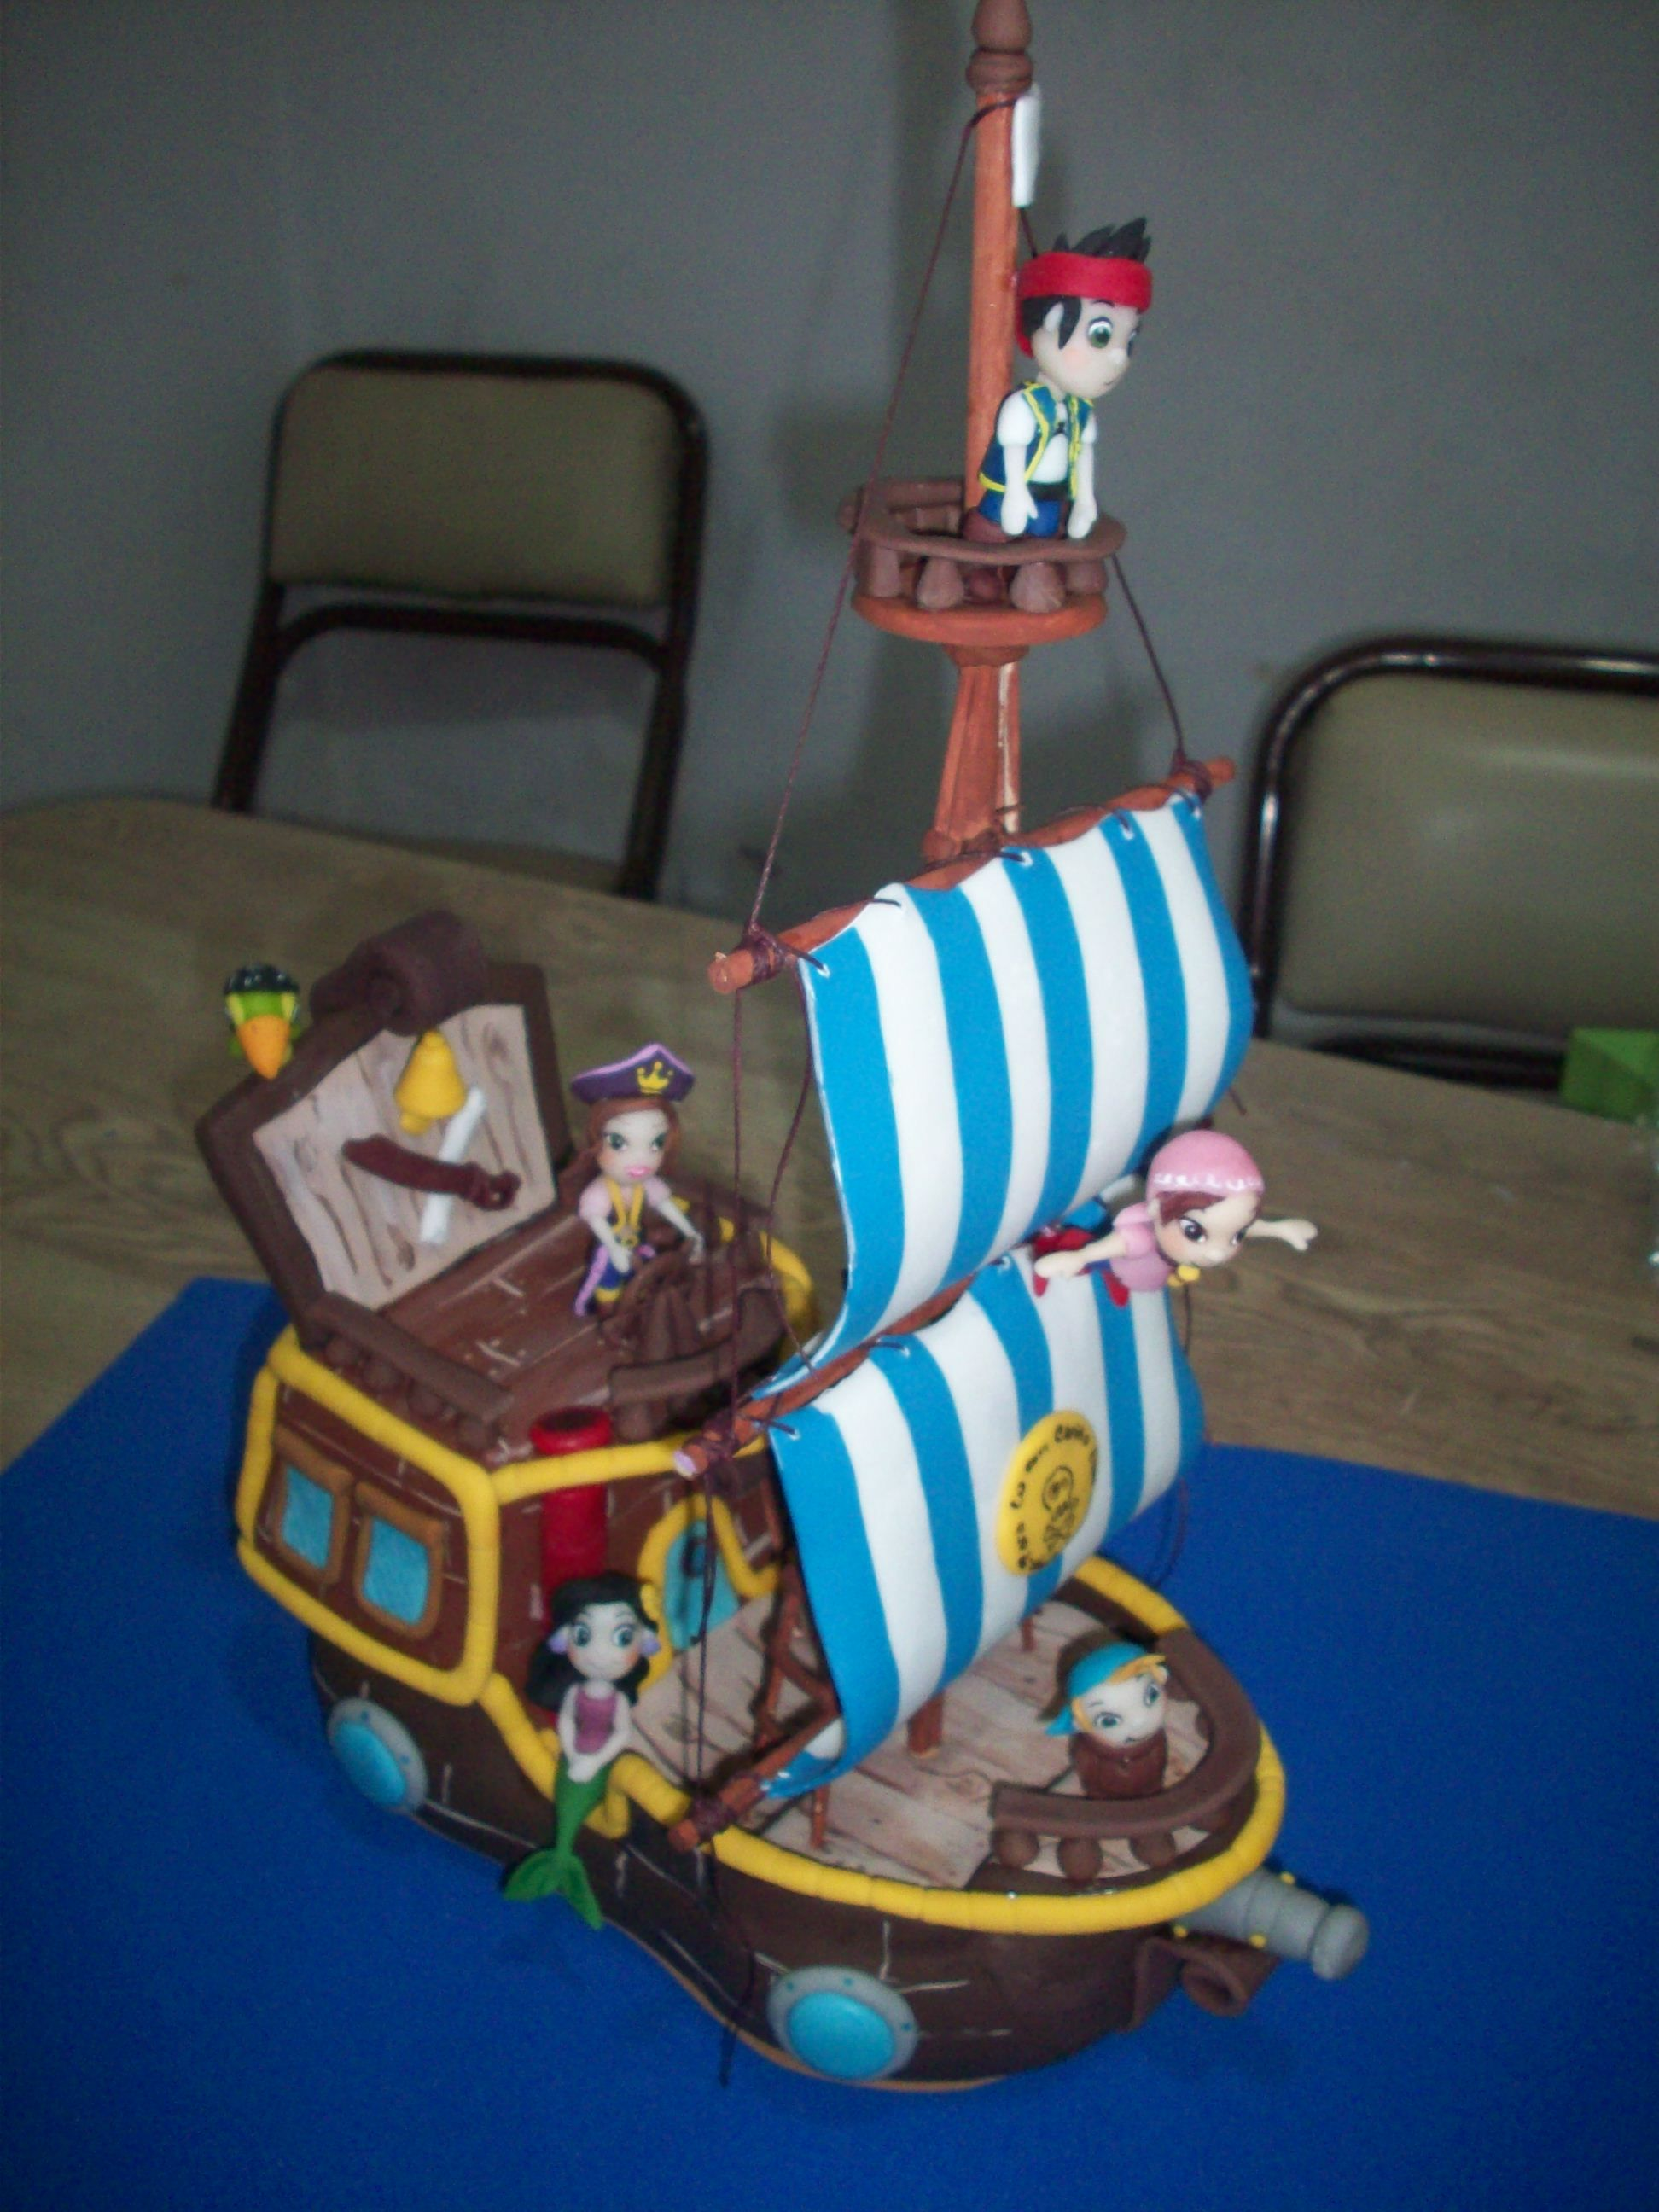 Decoraci n jake y los piratas de nunca jam s pictures to pin on - Jake Y Los Piratas De Nunca Jamas